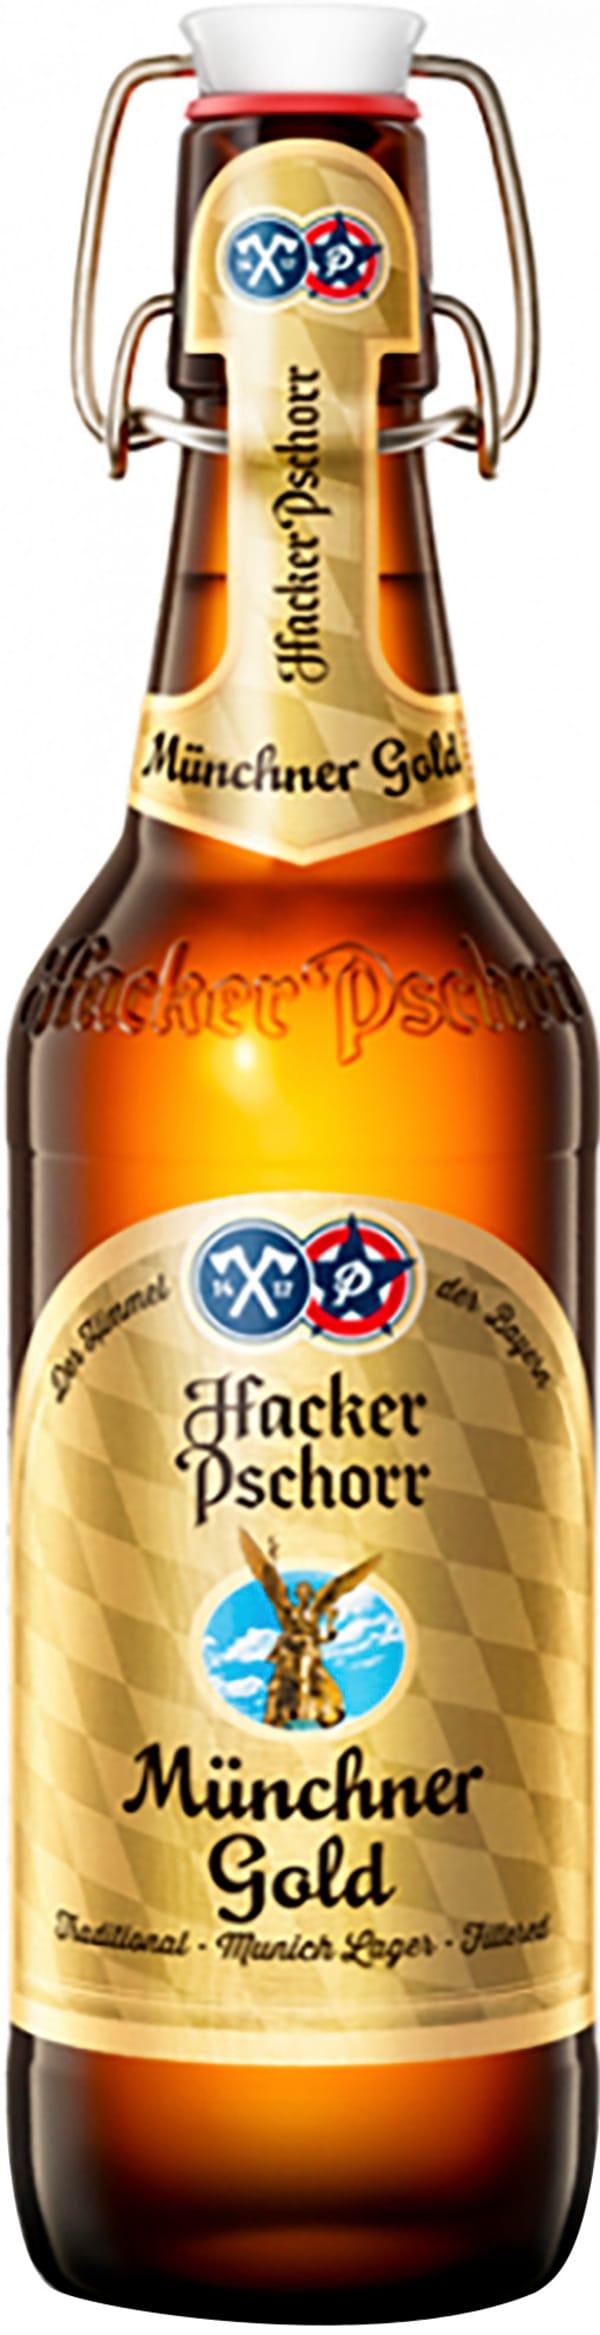 Hacker-Pschorr Munich Gold